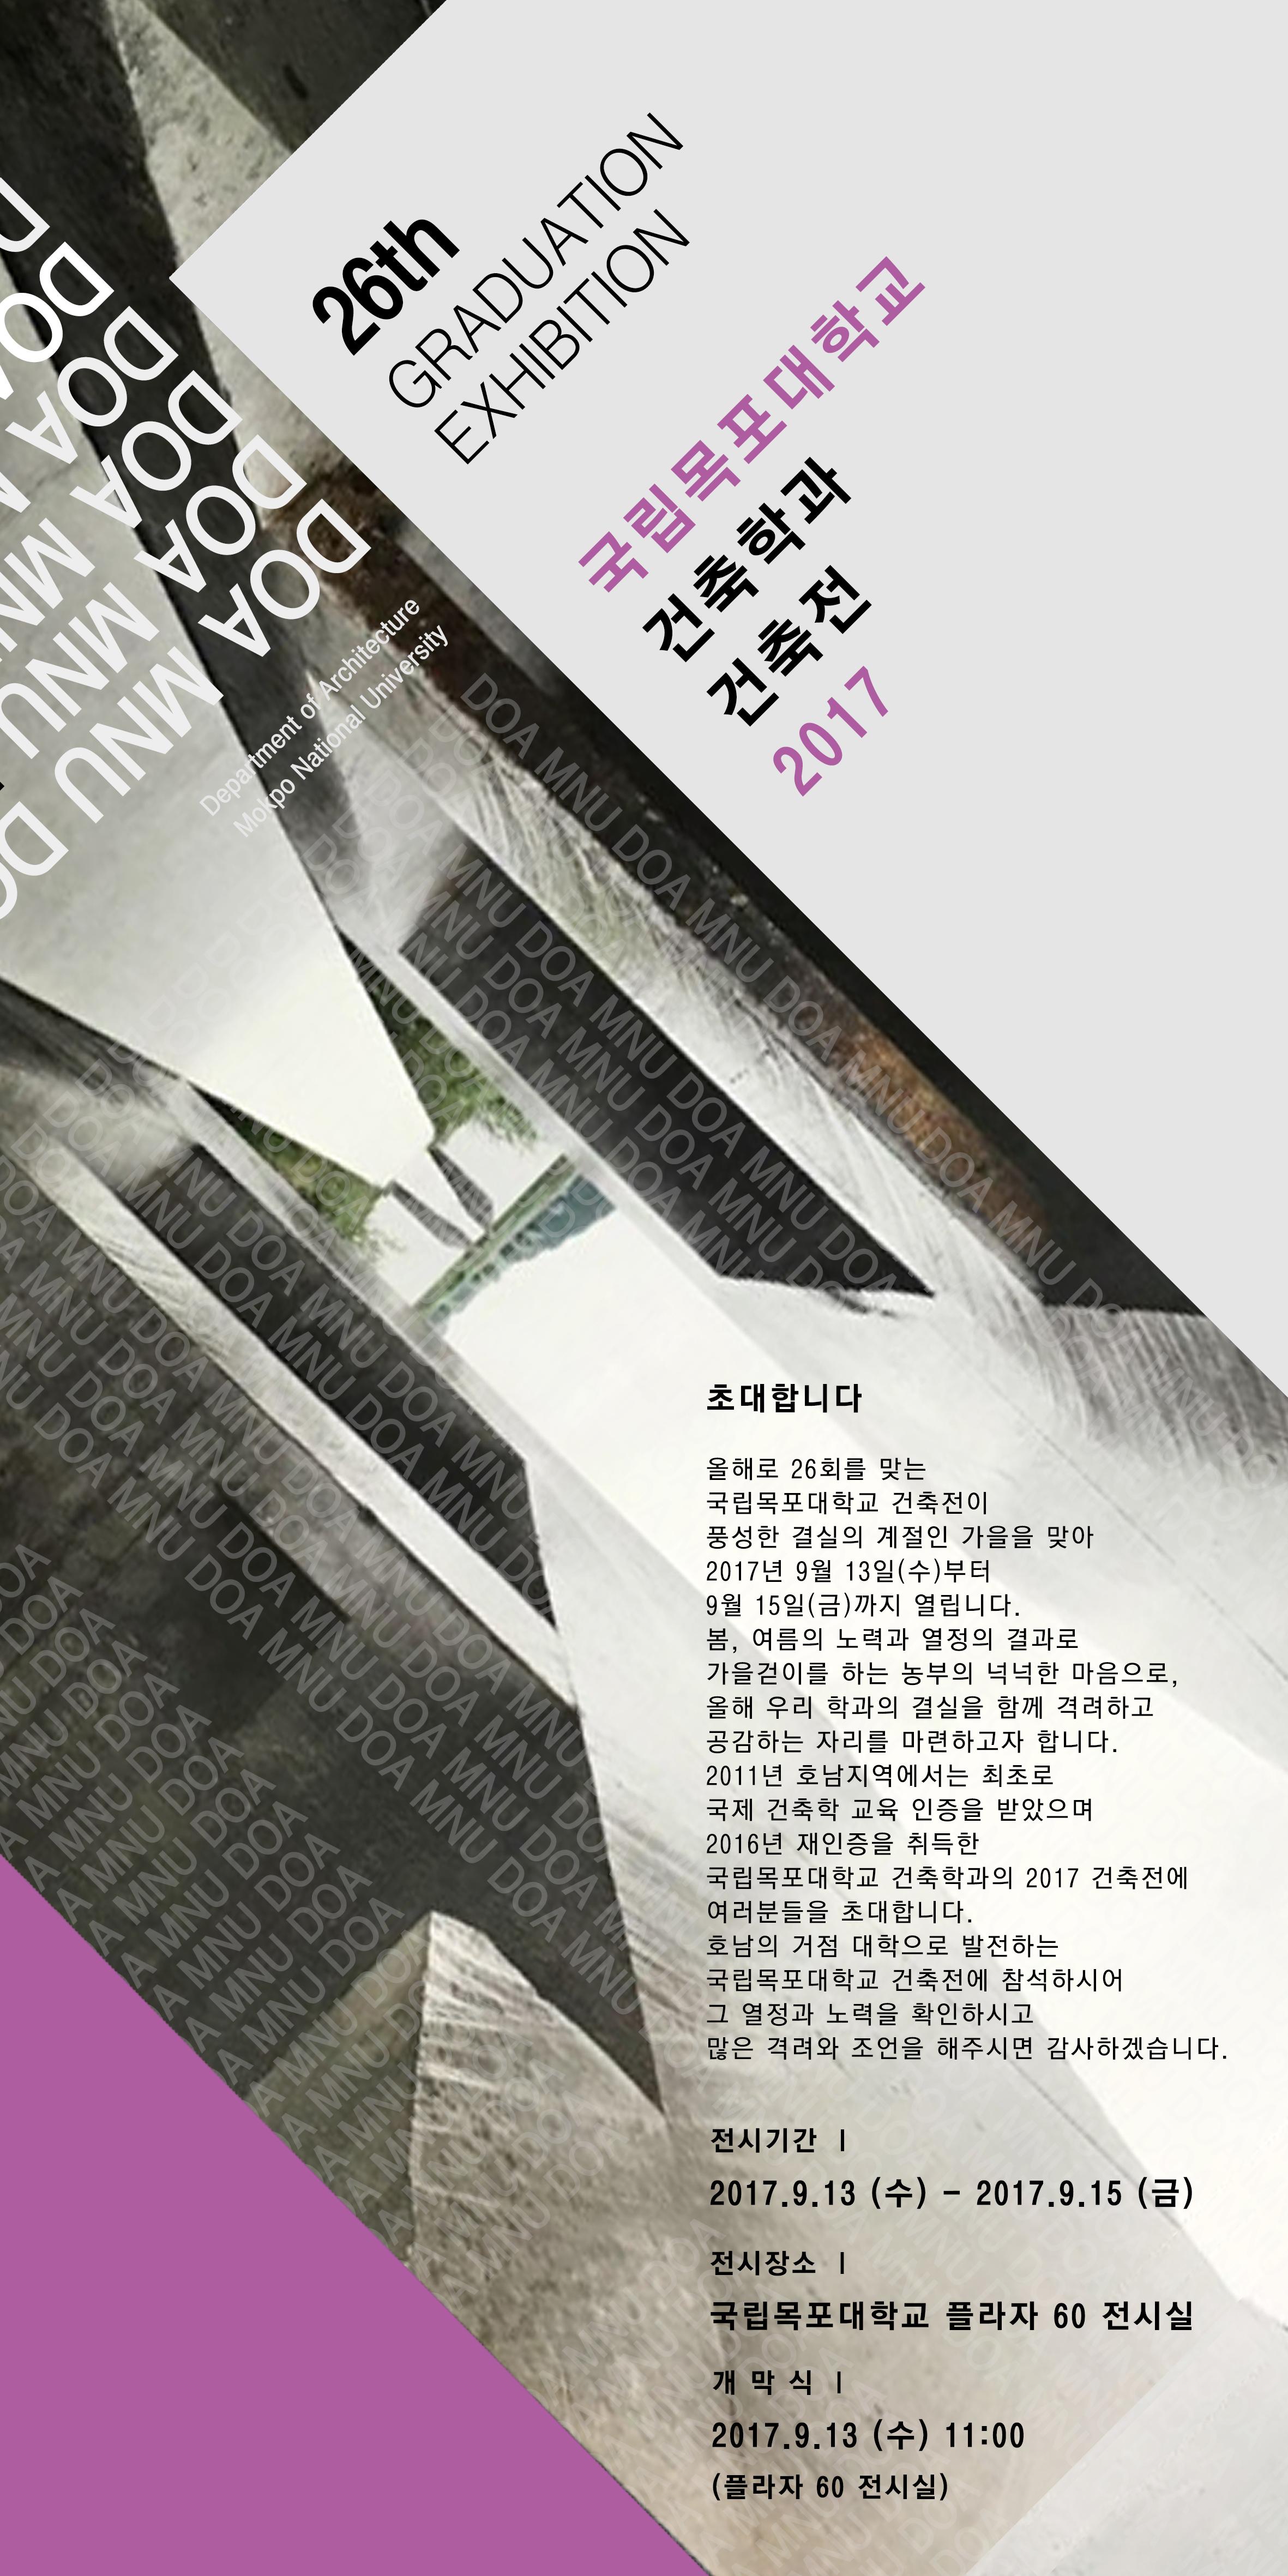 2017 국립목포대학교 건축학과 건축전